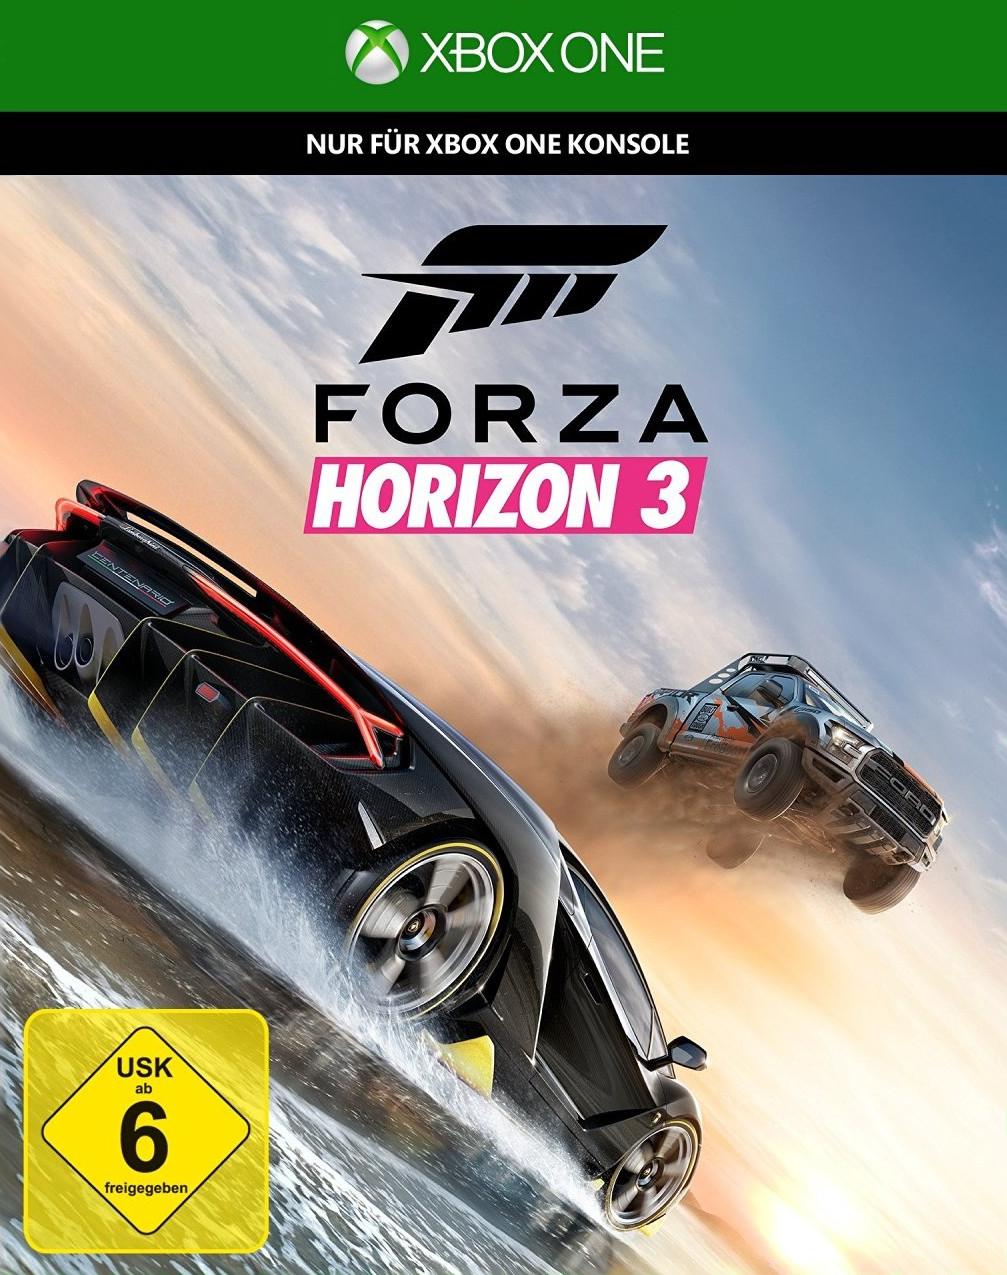 EWD Gaming: z.B. Forza Horizon 3 - 15€ | 2x WWEK20 [PS4/One] - 69,99€ | 2x NBA 2K20 [PS4/One] - 69,99€ bzw. [Switch] - 59,99€ | amiibos